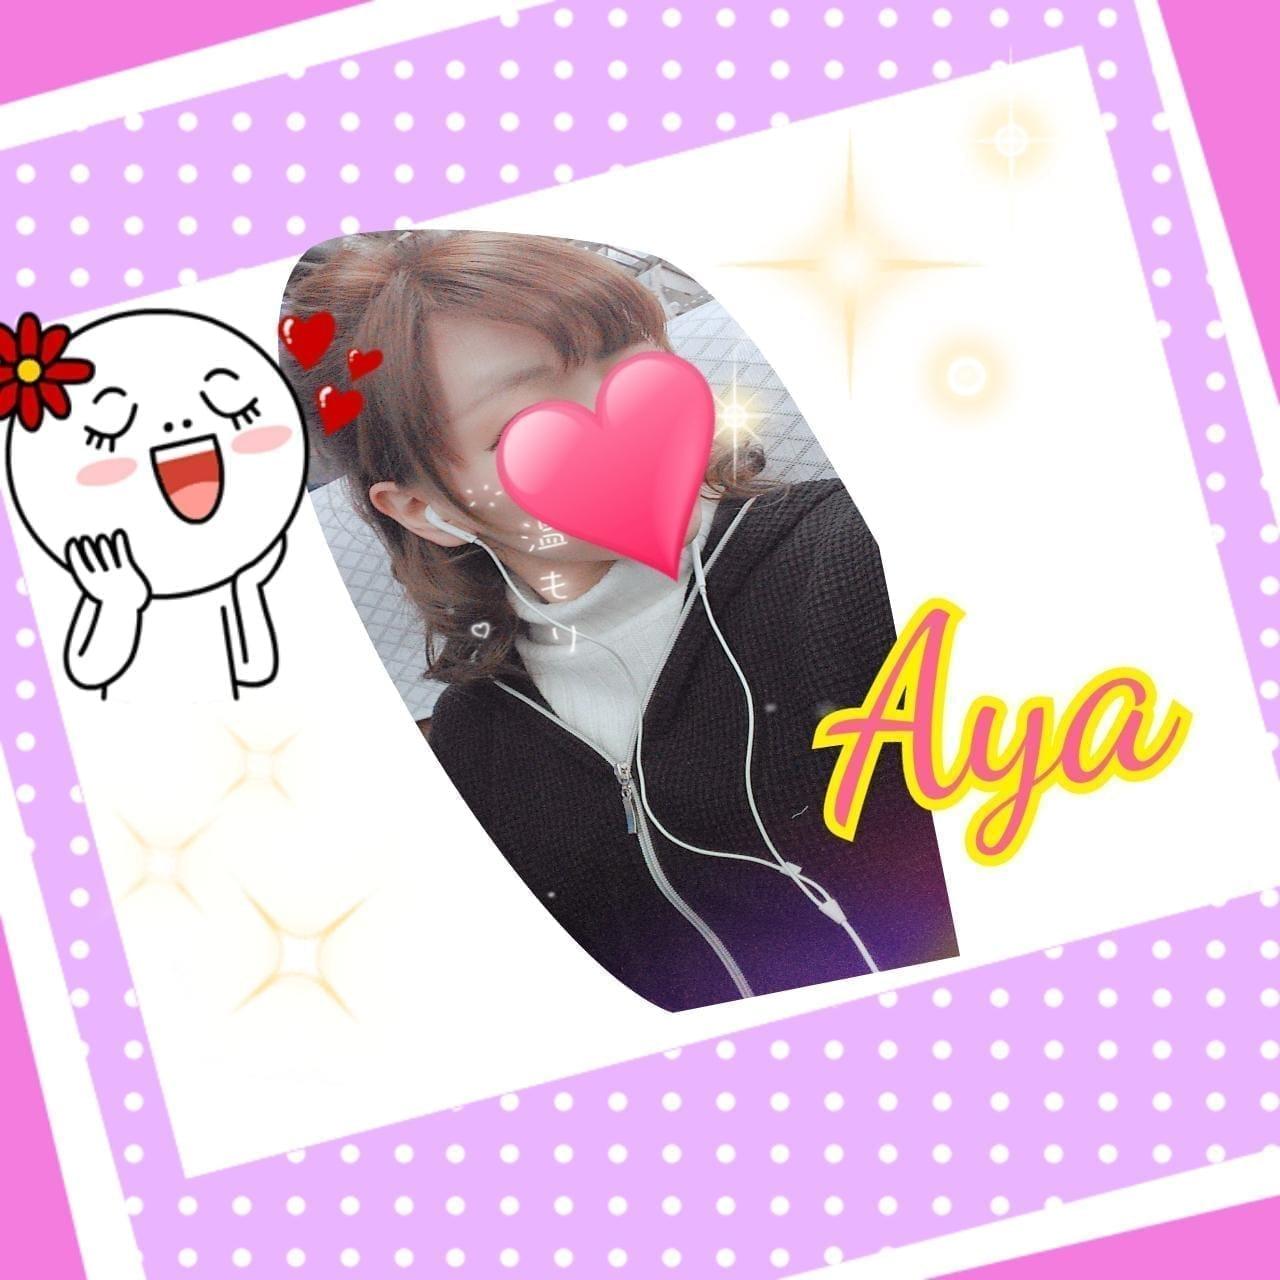 「お礼♪」12/14(金) 23:40 | あや☆キレカワお姉さまの写メ・風俗動画